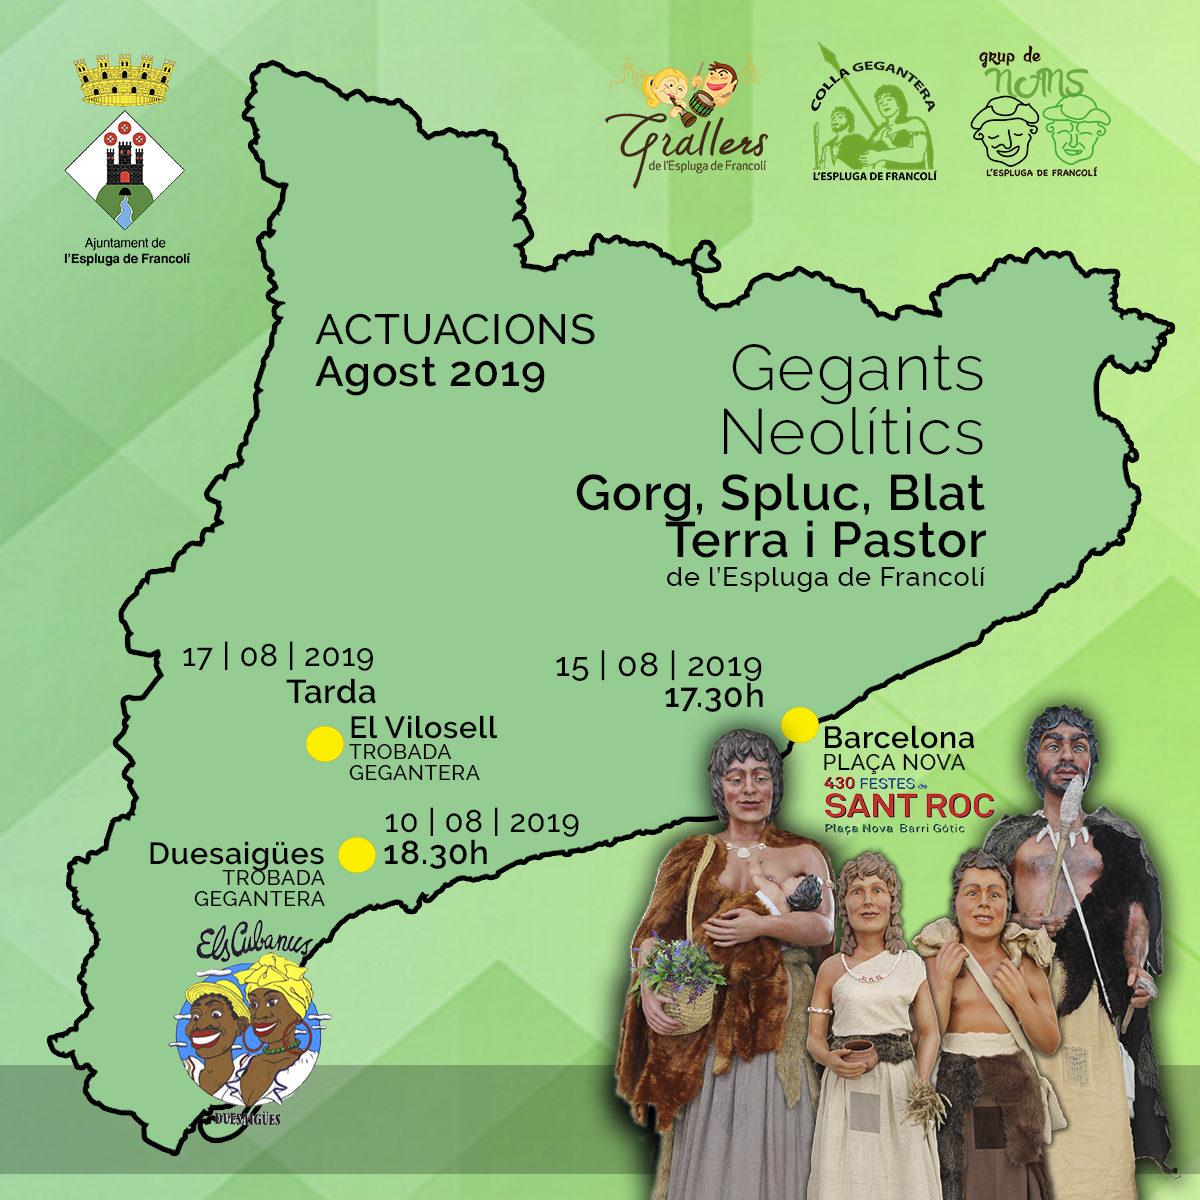 Els Gegants Neolítics de l'Espluga visitaran Duesaigües, Barcelona i el Vilosell, aquest agost